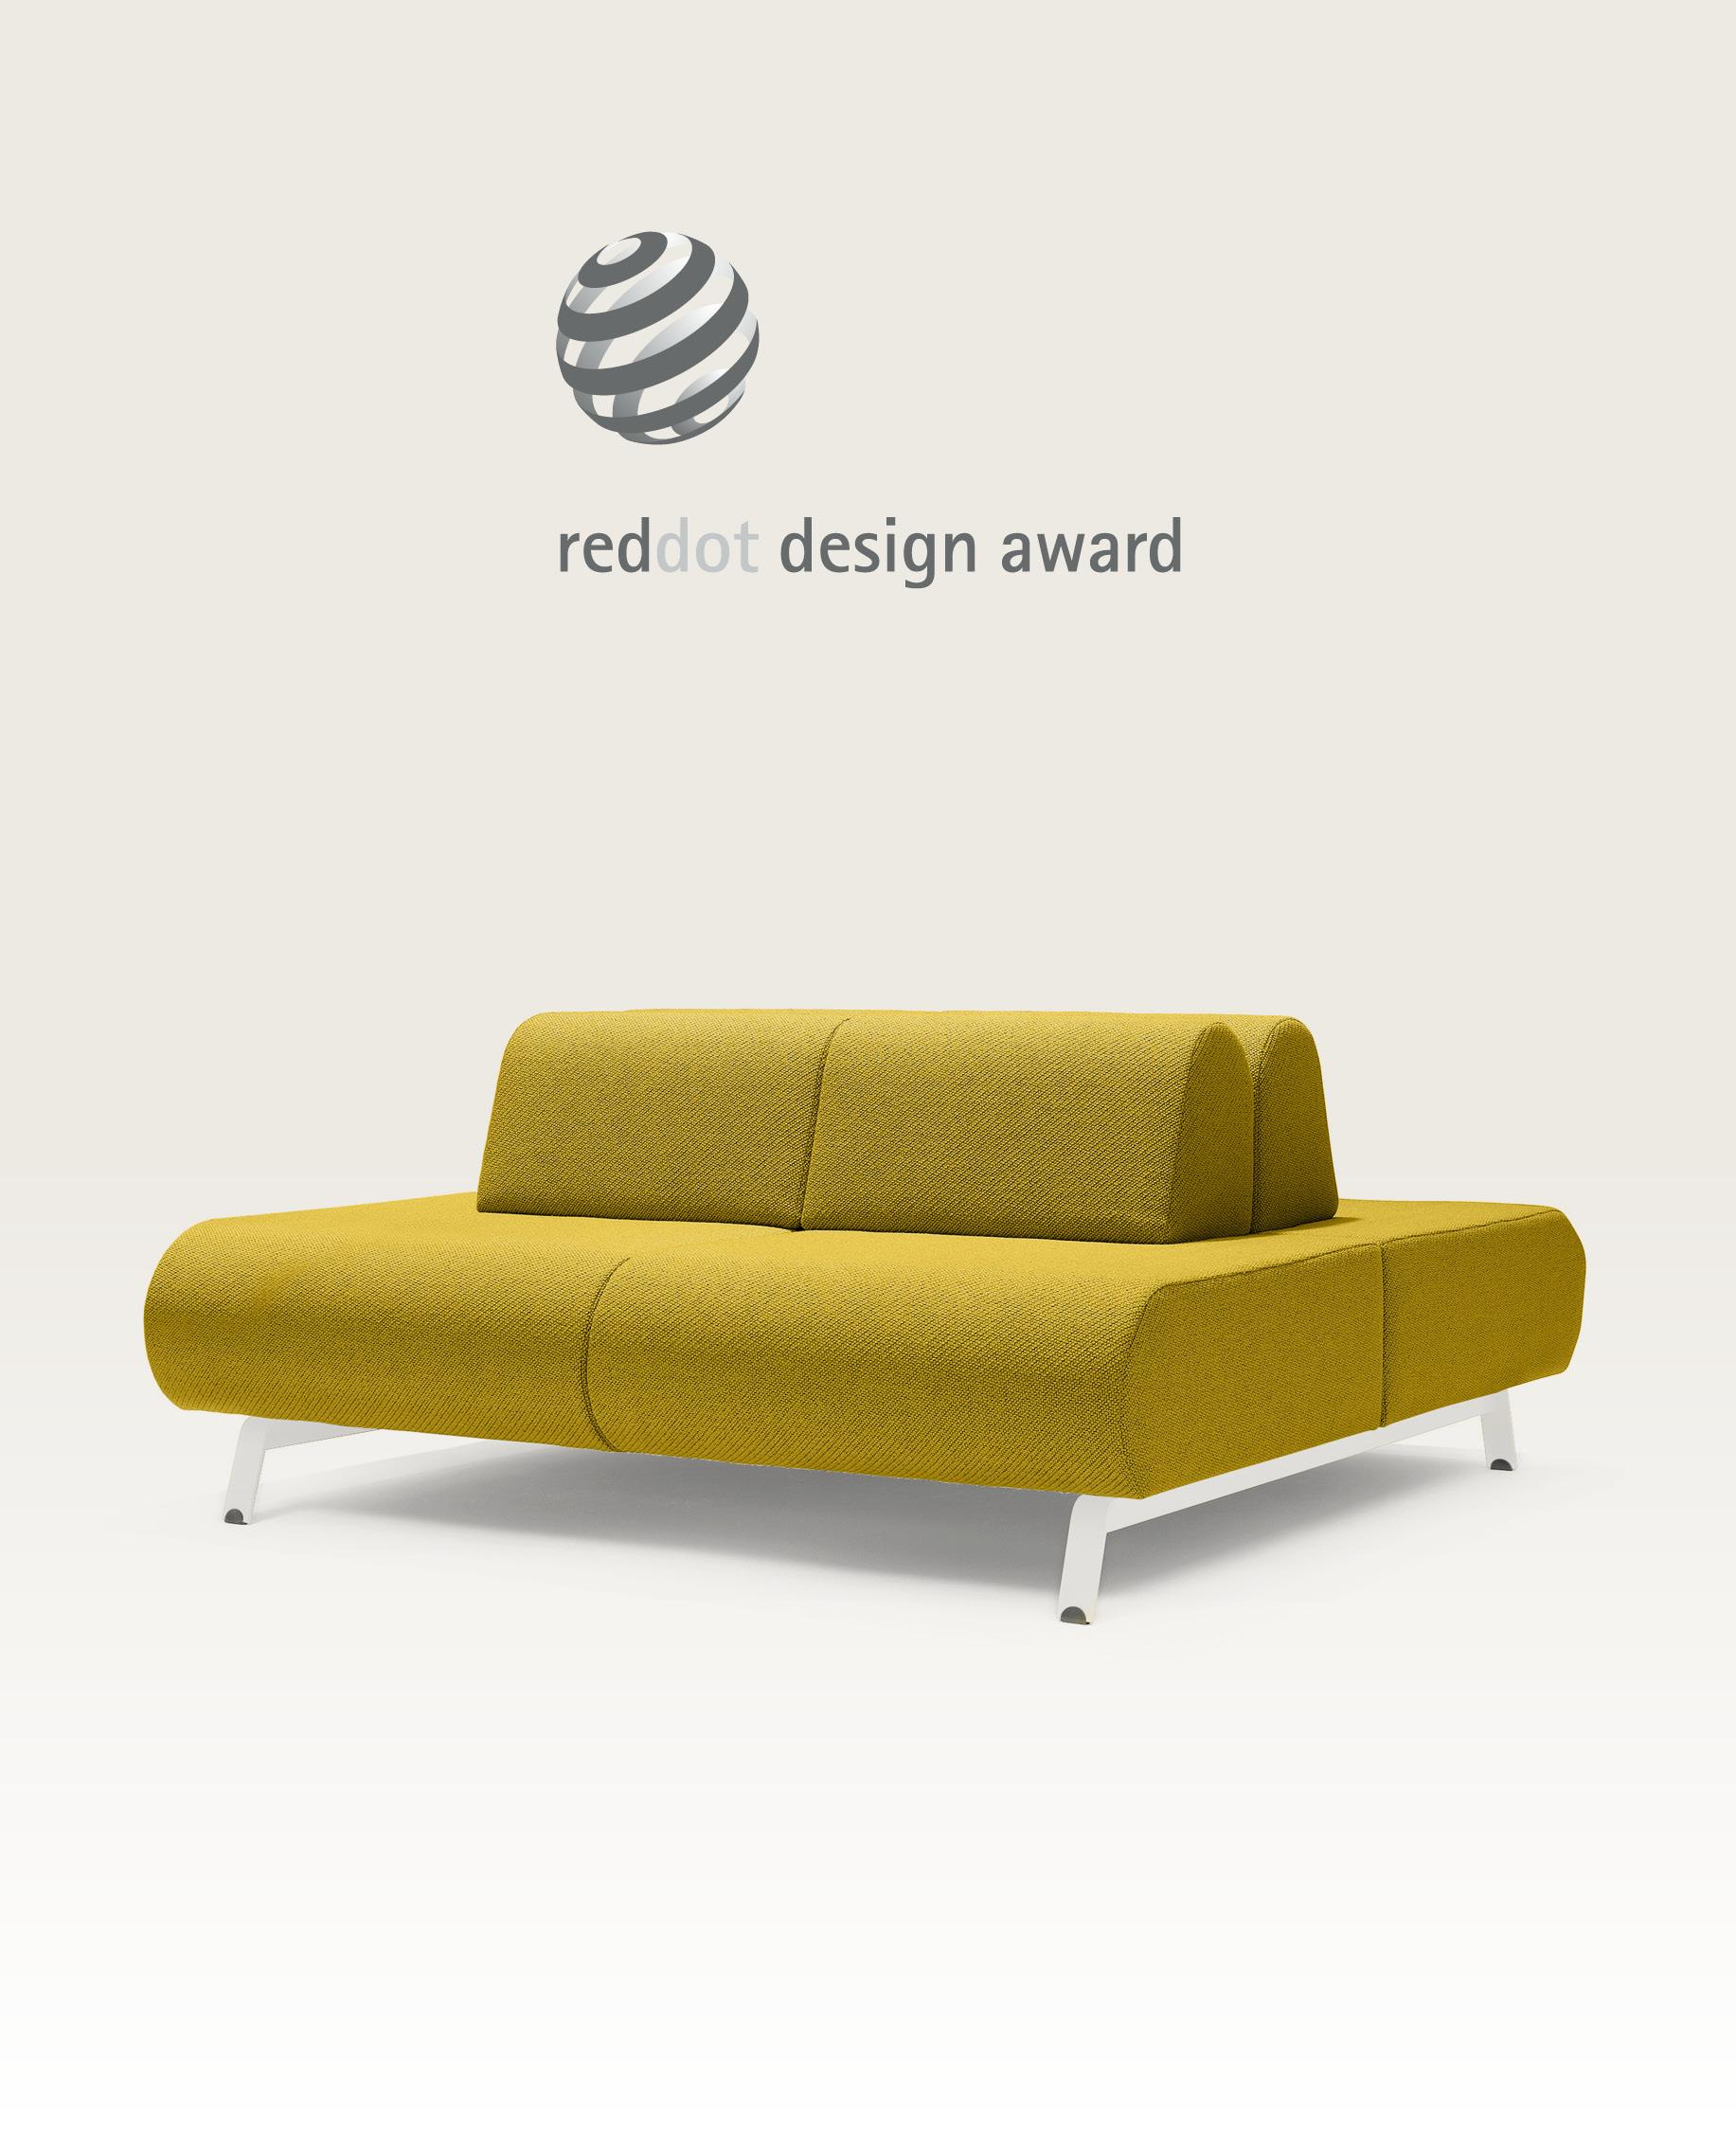 casala basso sofa modular softseating reddot design award